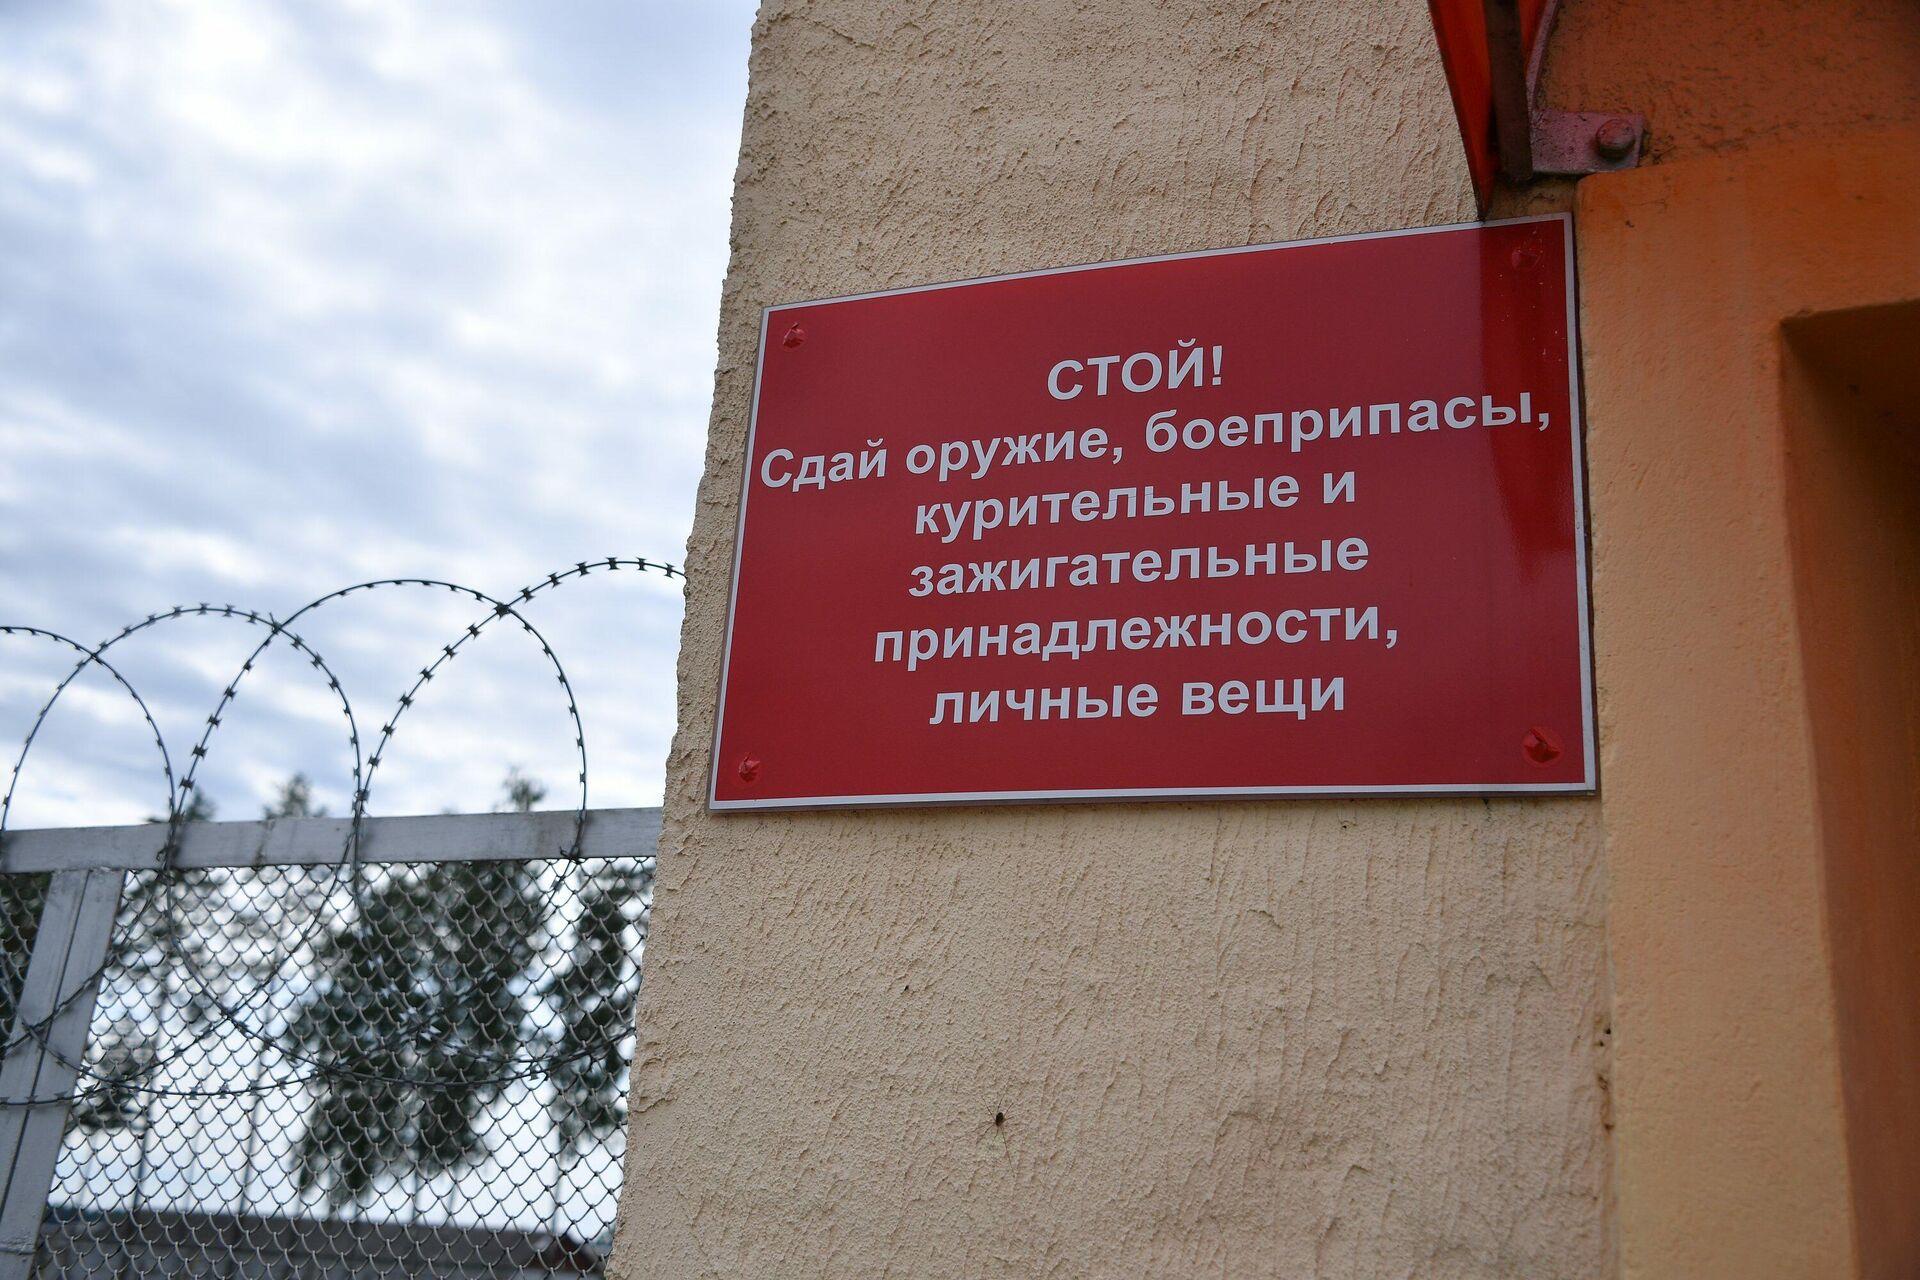 Ночью весь периметр освещается и контролируется видеонаблюдением - Sputnik Беларусь, 1920, 12.08.2021